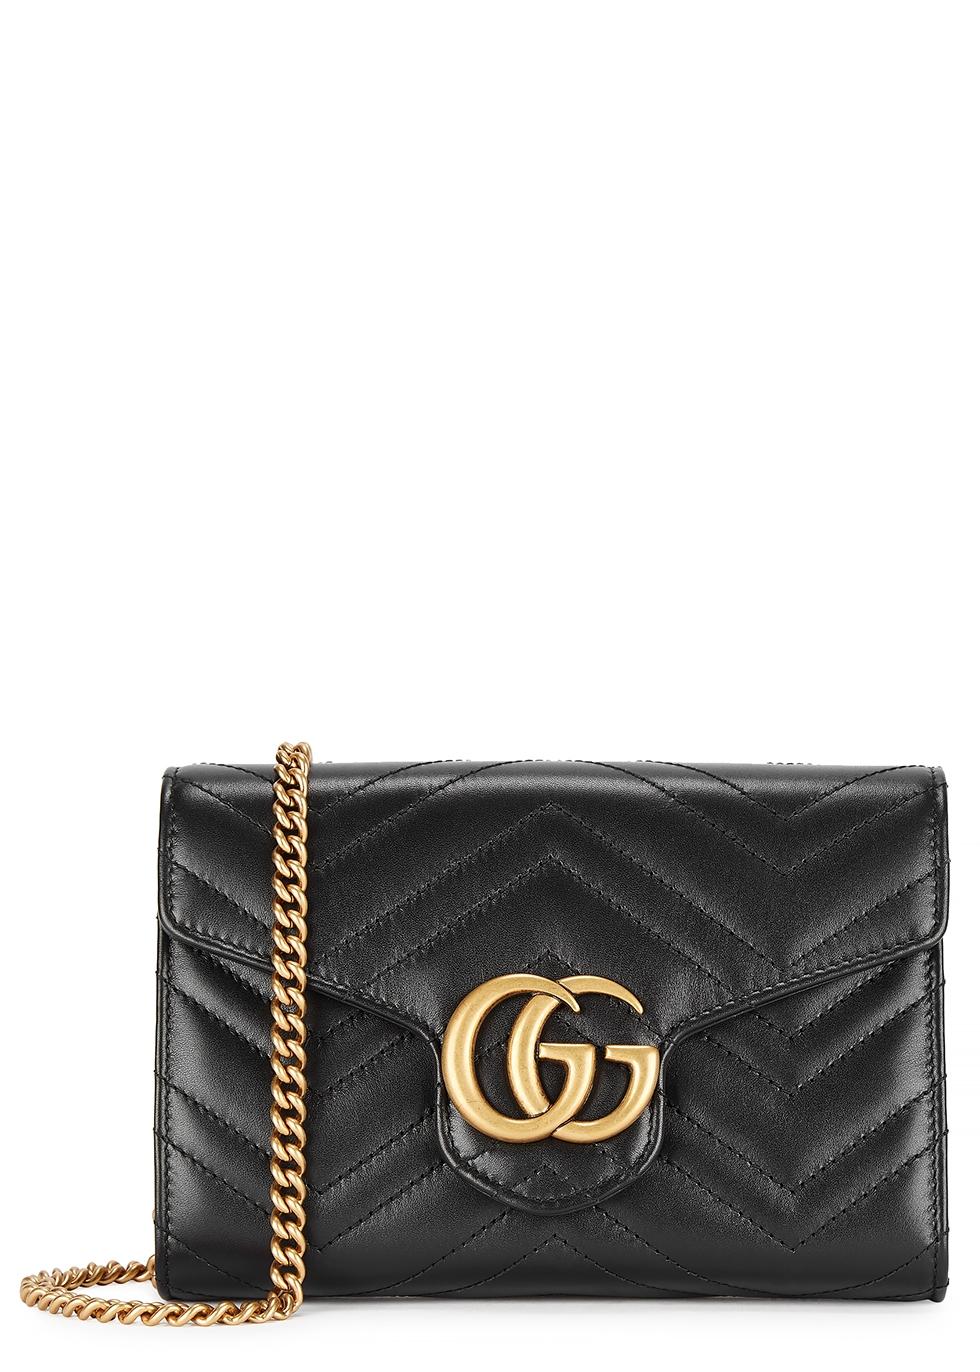 9ca67827a2d308 Women's Designer Bags, Handbags and Purses - Harvey Nichols